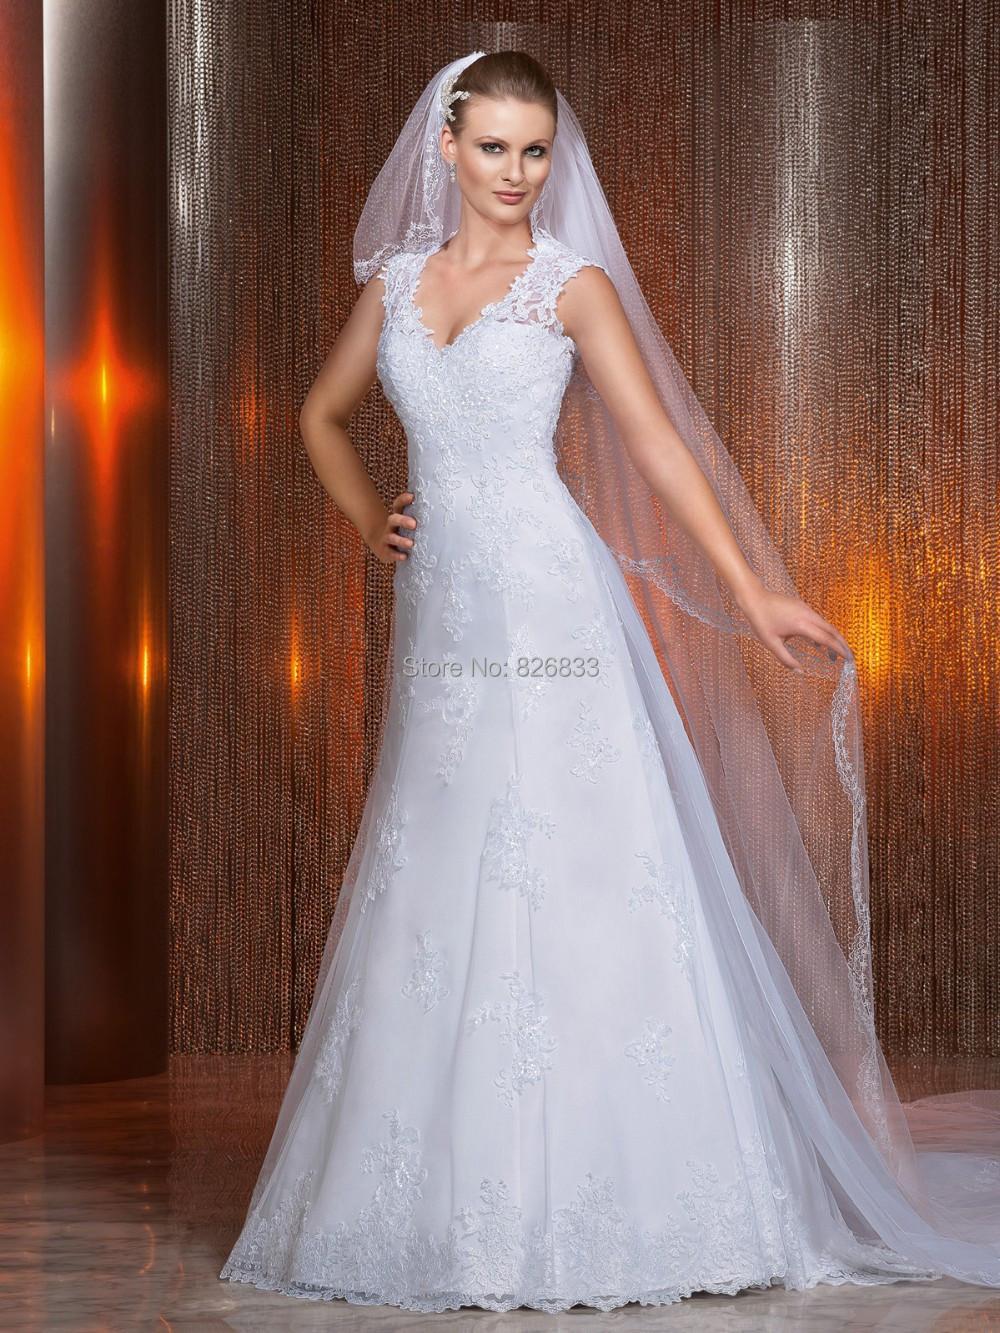 Vintage Cap Sleeves Lace V Neck Wedding Dresses Open Back ...